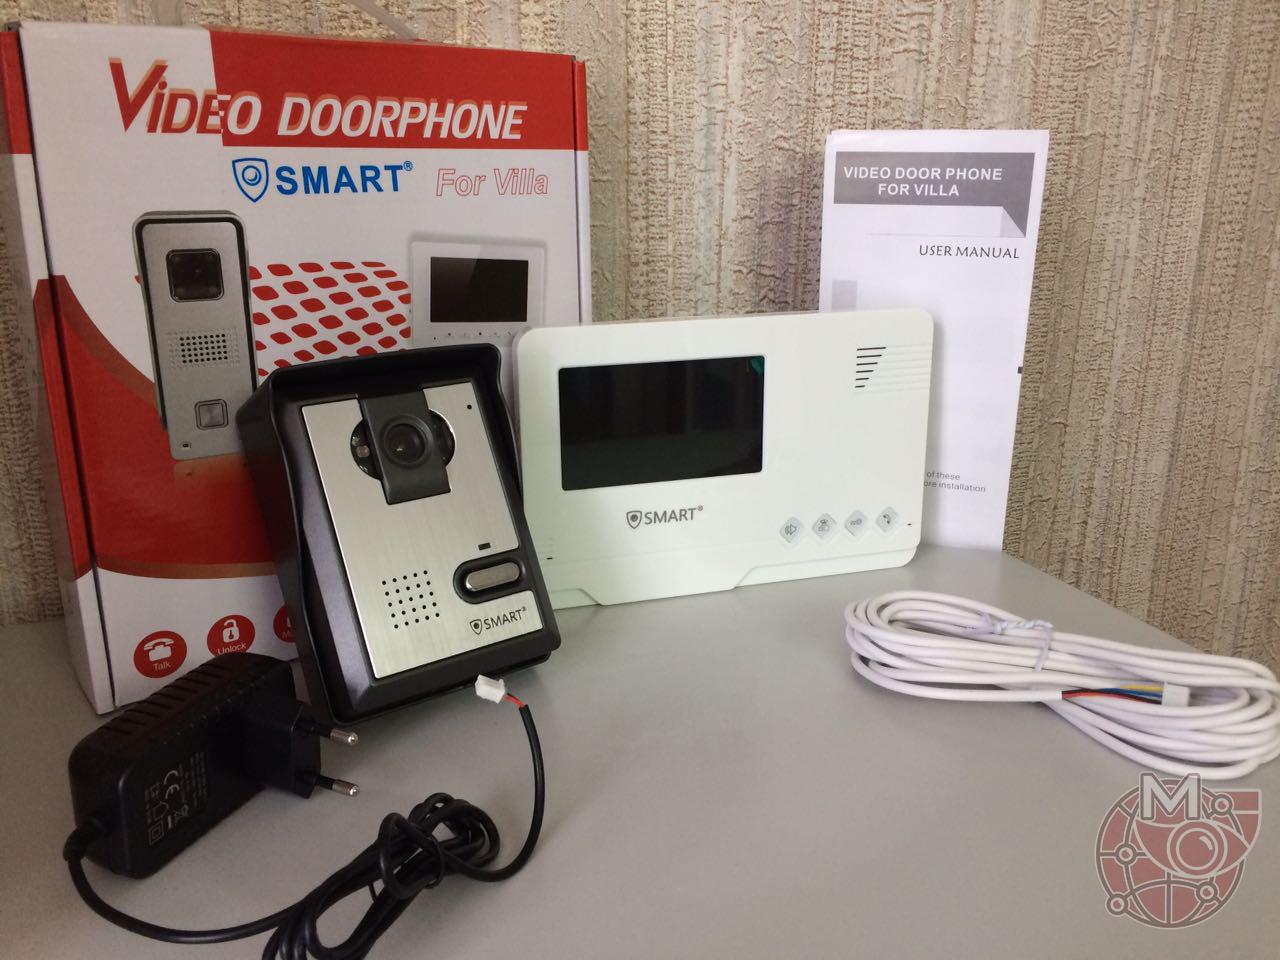 Видеодомофон SMART экономичное решение